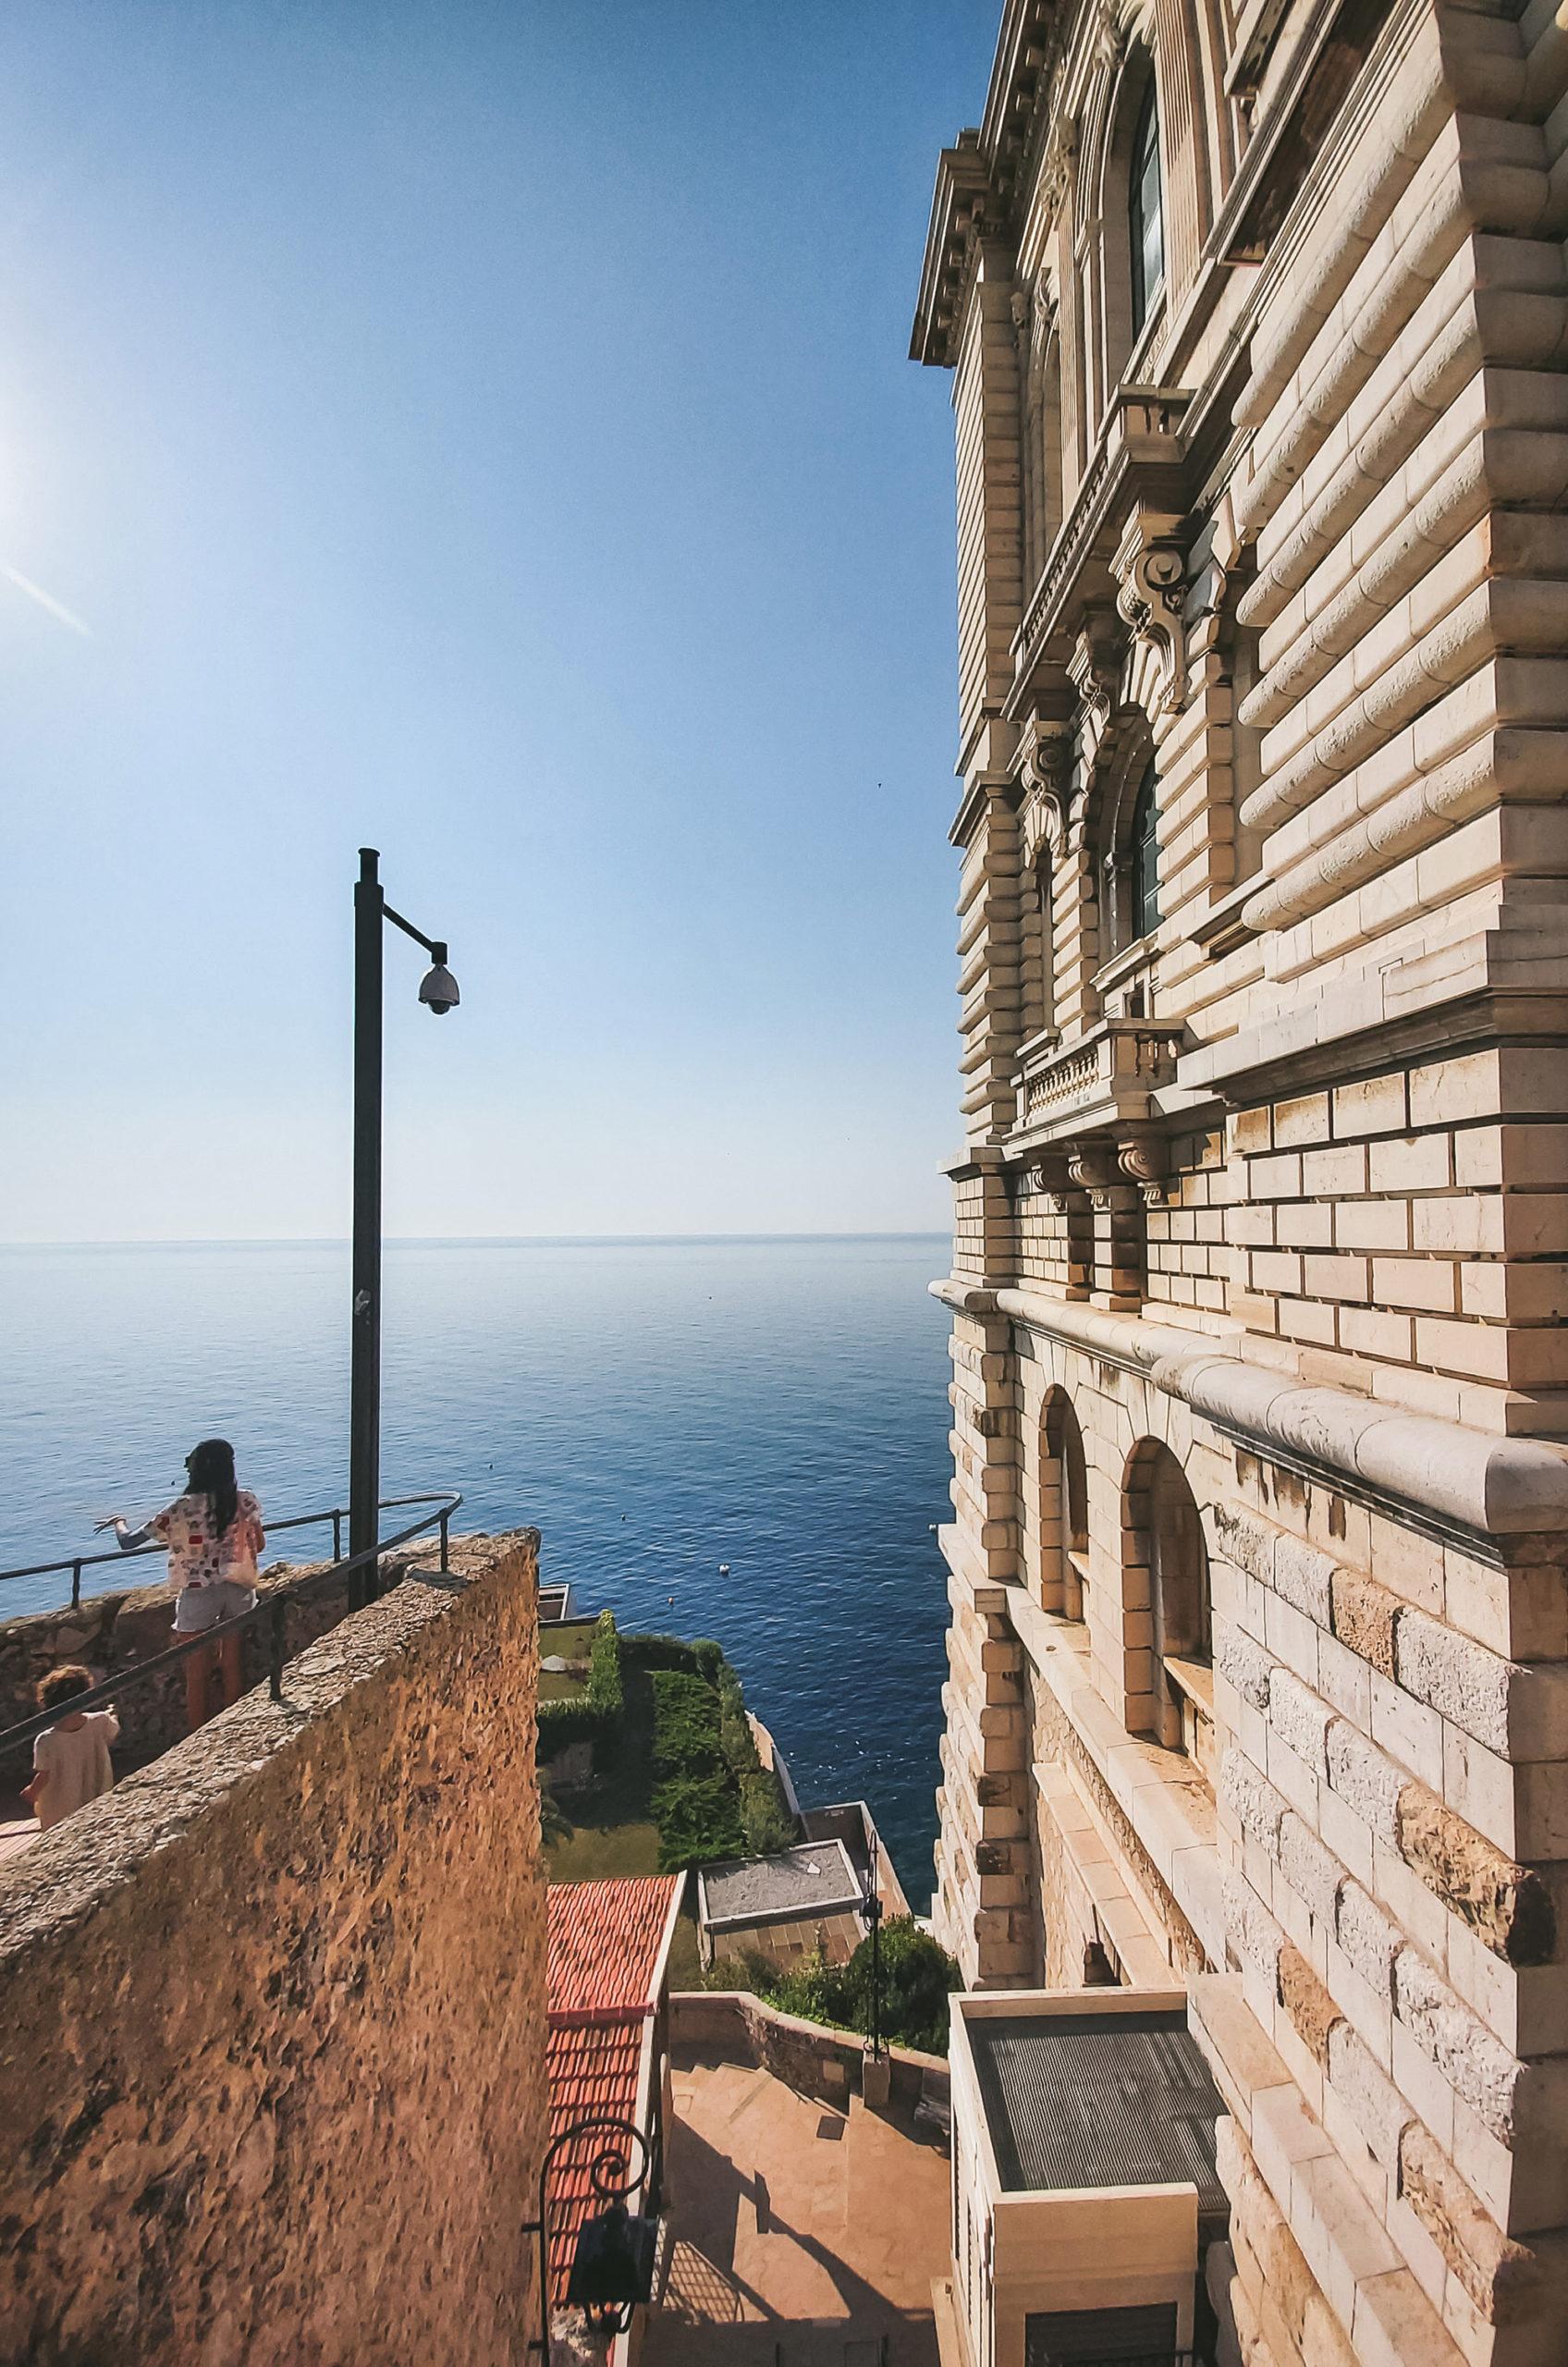 5 choses à faire sans voiture dans la Riviera autour de Nice - Aquarium Monaco